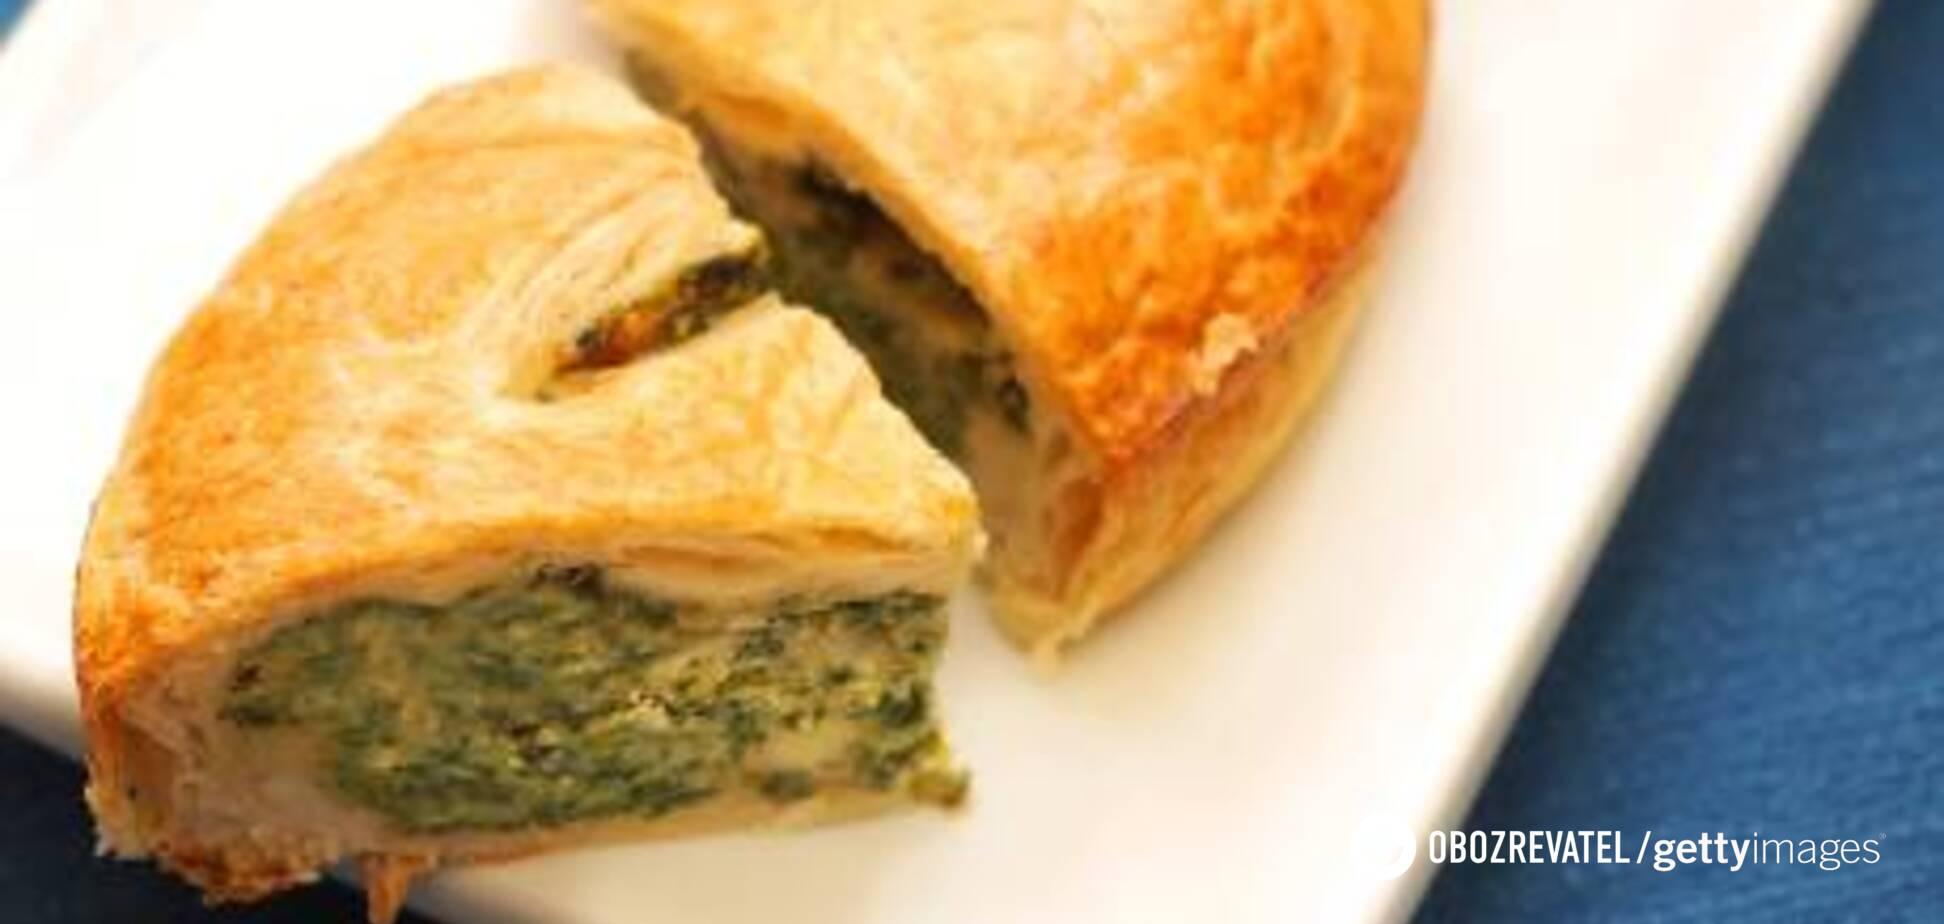 Лосось, рикотта і трохи фантазії: рецепт незвичайного пирога